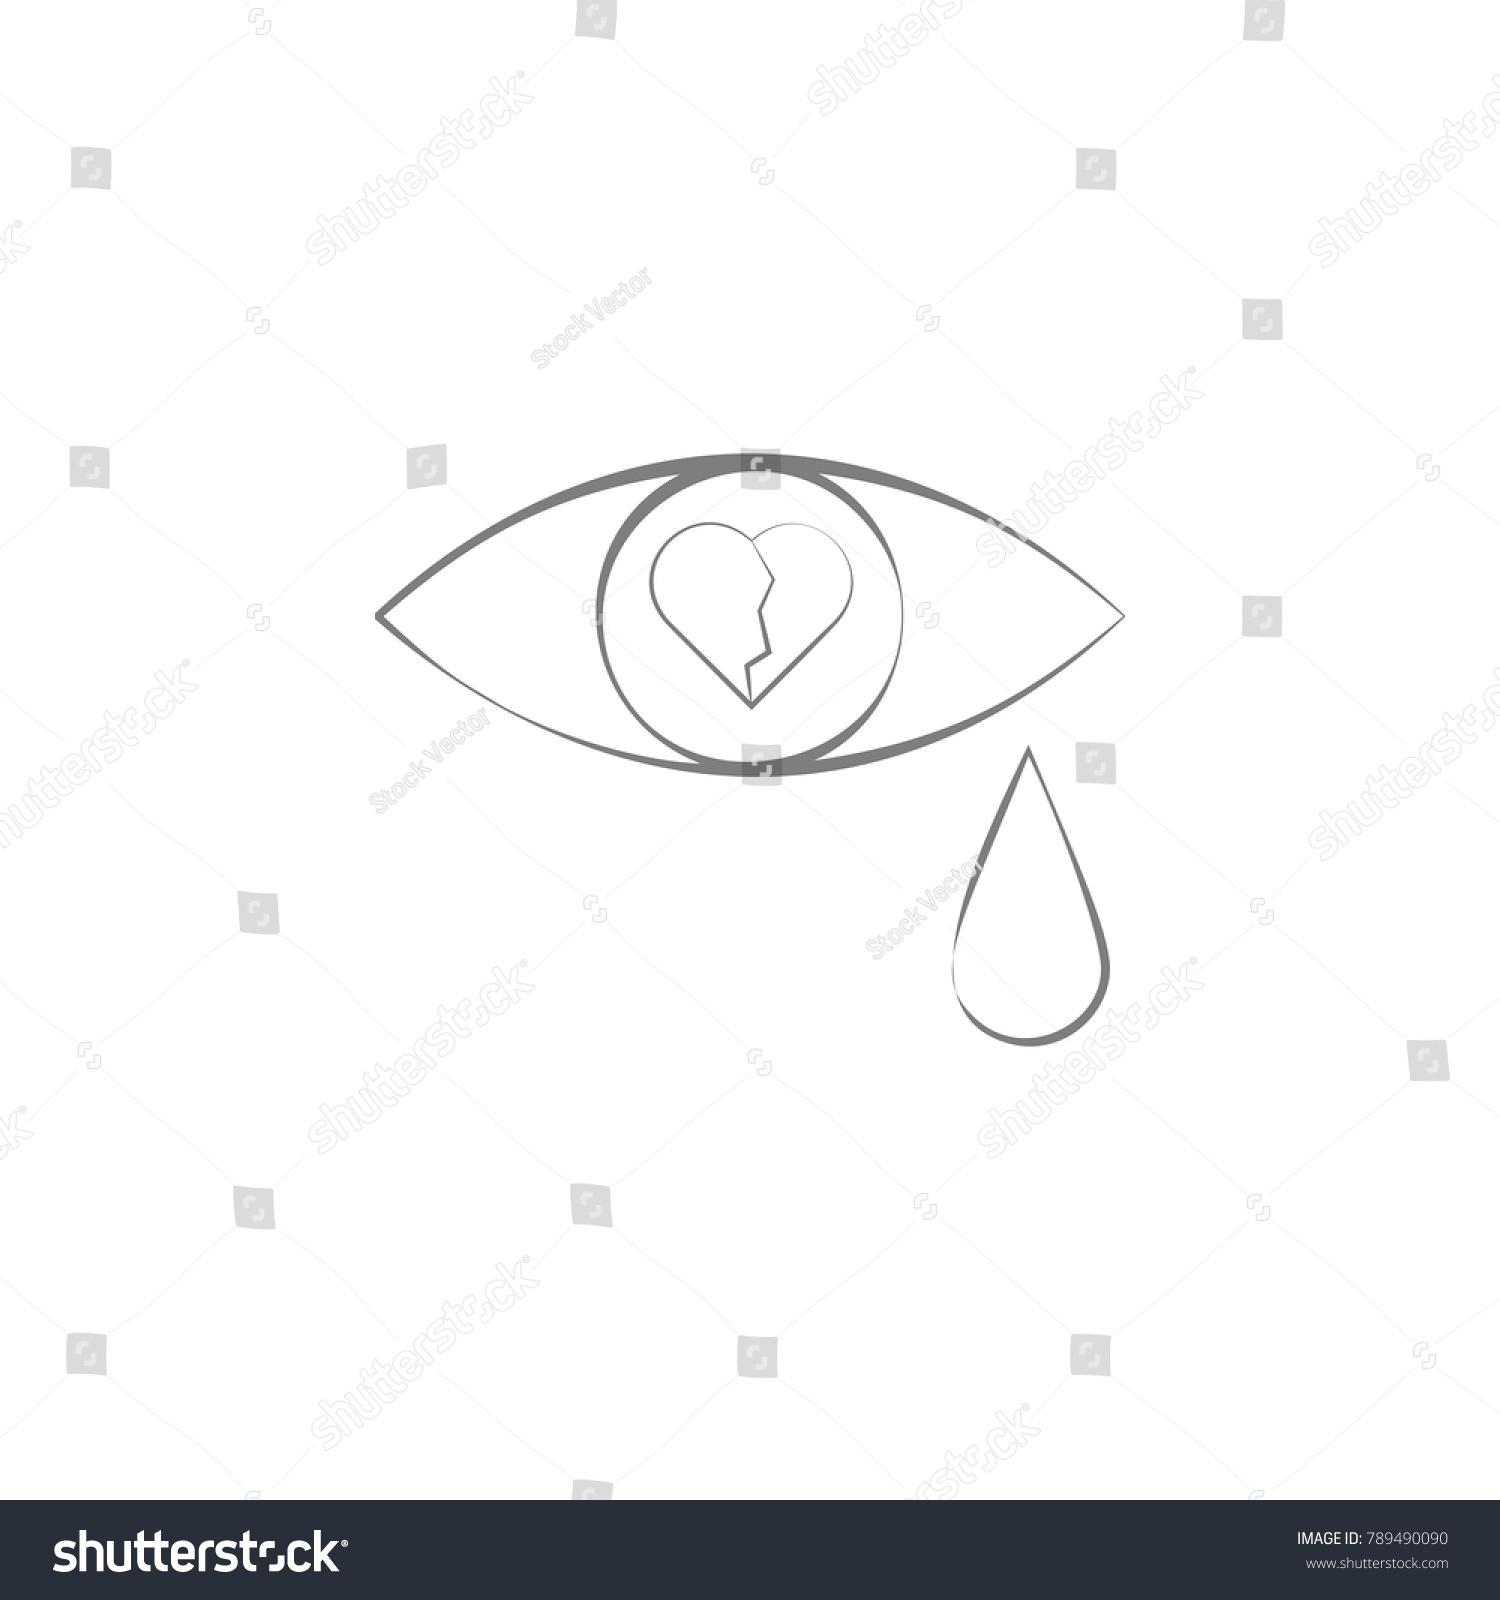 Tears broken heart icon web element stock vector 789490090 tears broken heart icon web element stock vector 789490090 shutterstock biocorpaavc Images